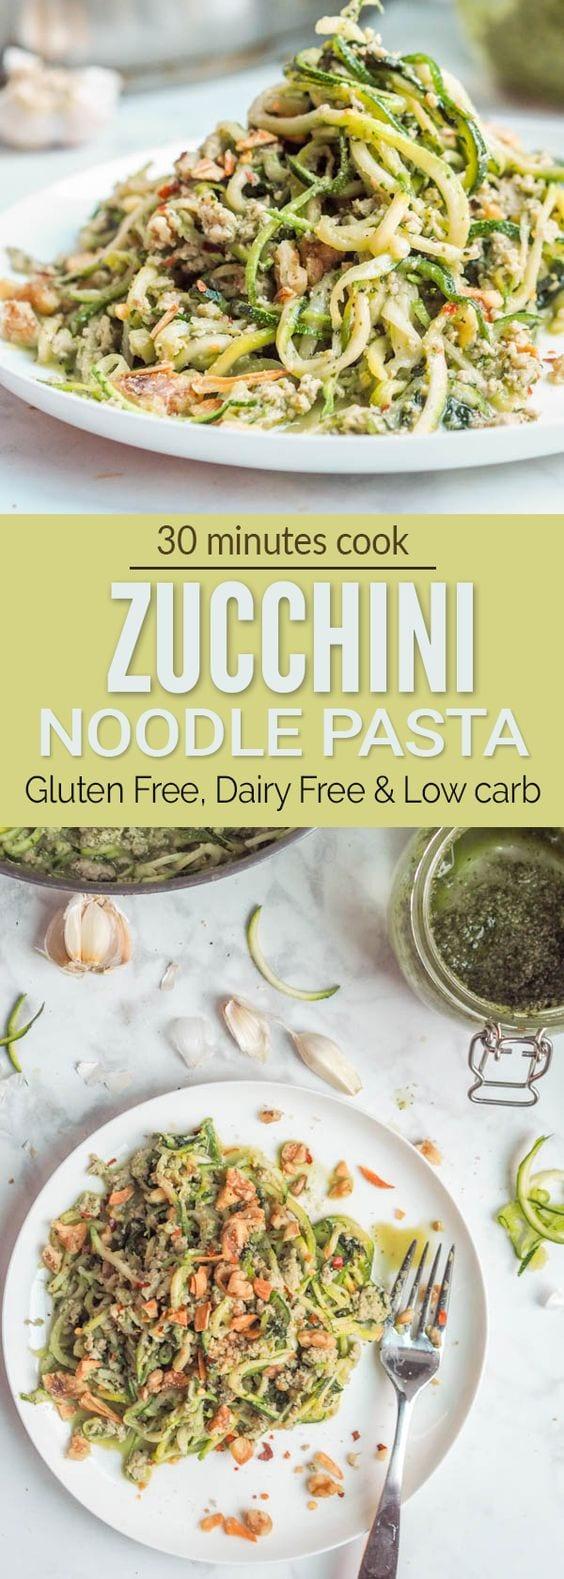 zucchini noodle pasta pin